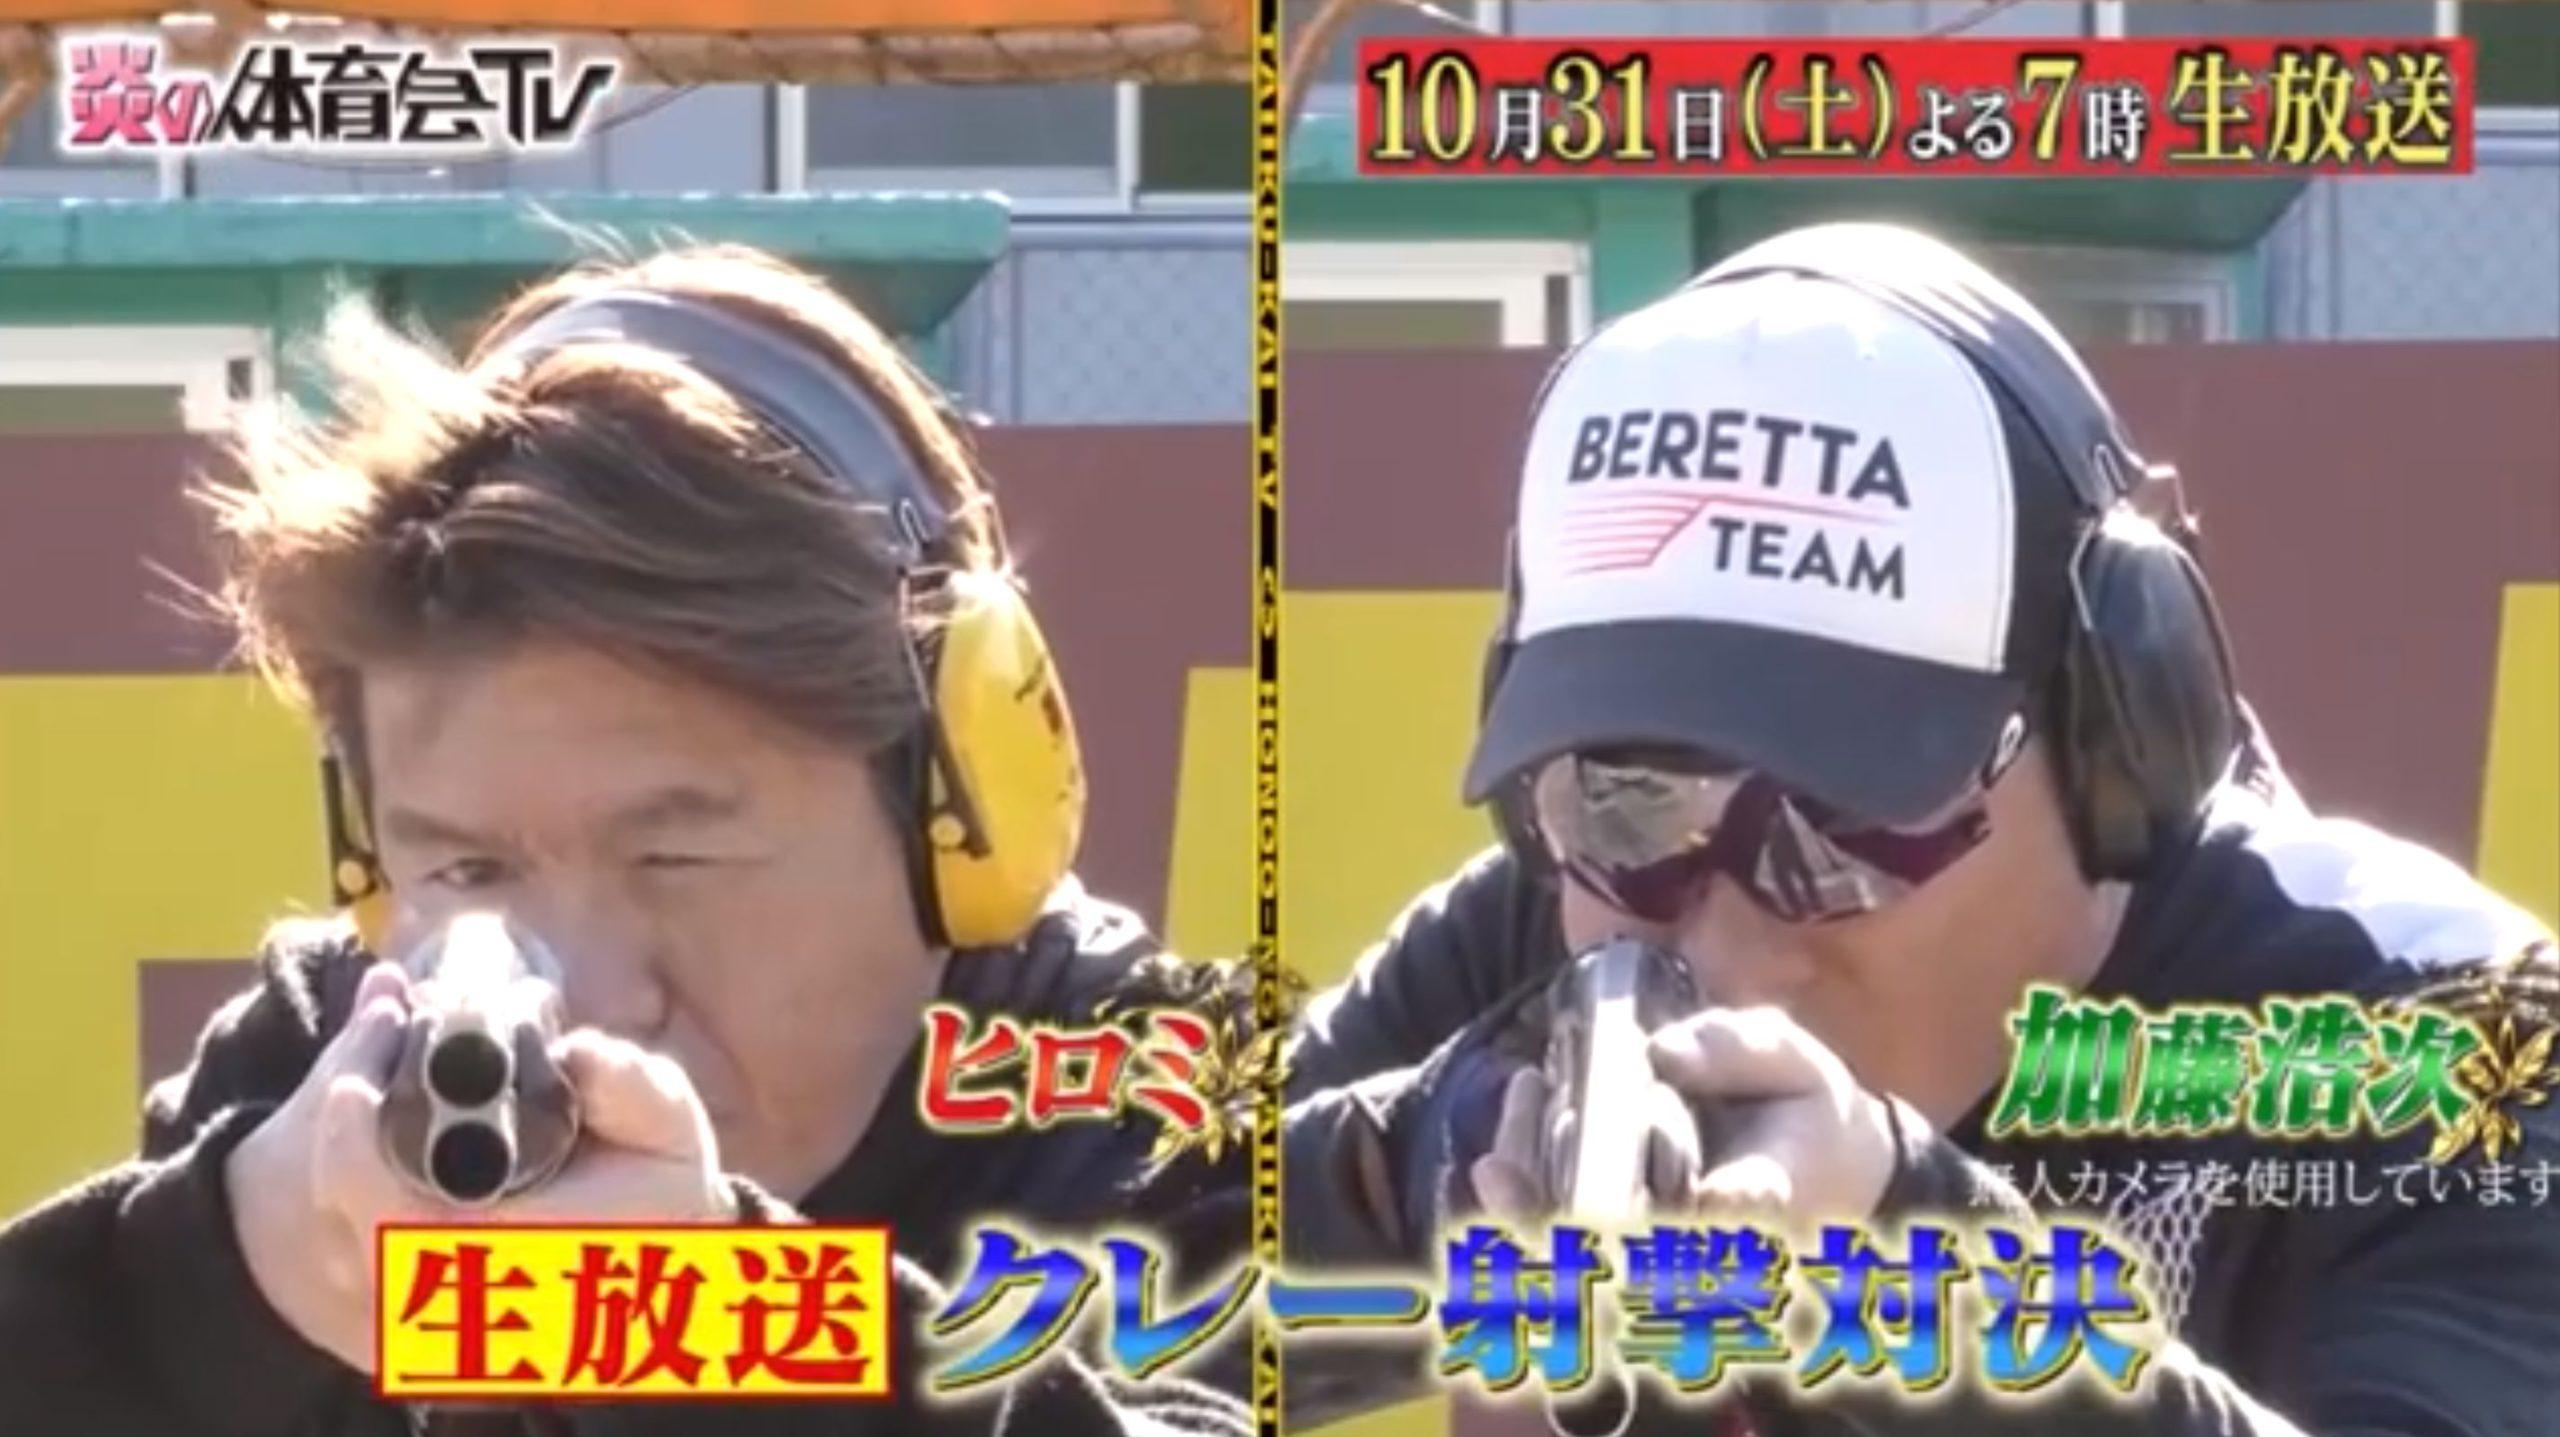 炎の体育会TV(クレー射撃生放送)10月31日の無料動画や見逃し配信をフル視聴する方法!